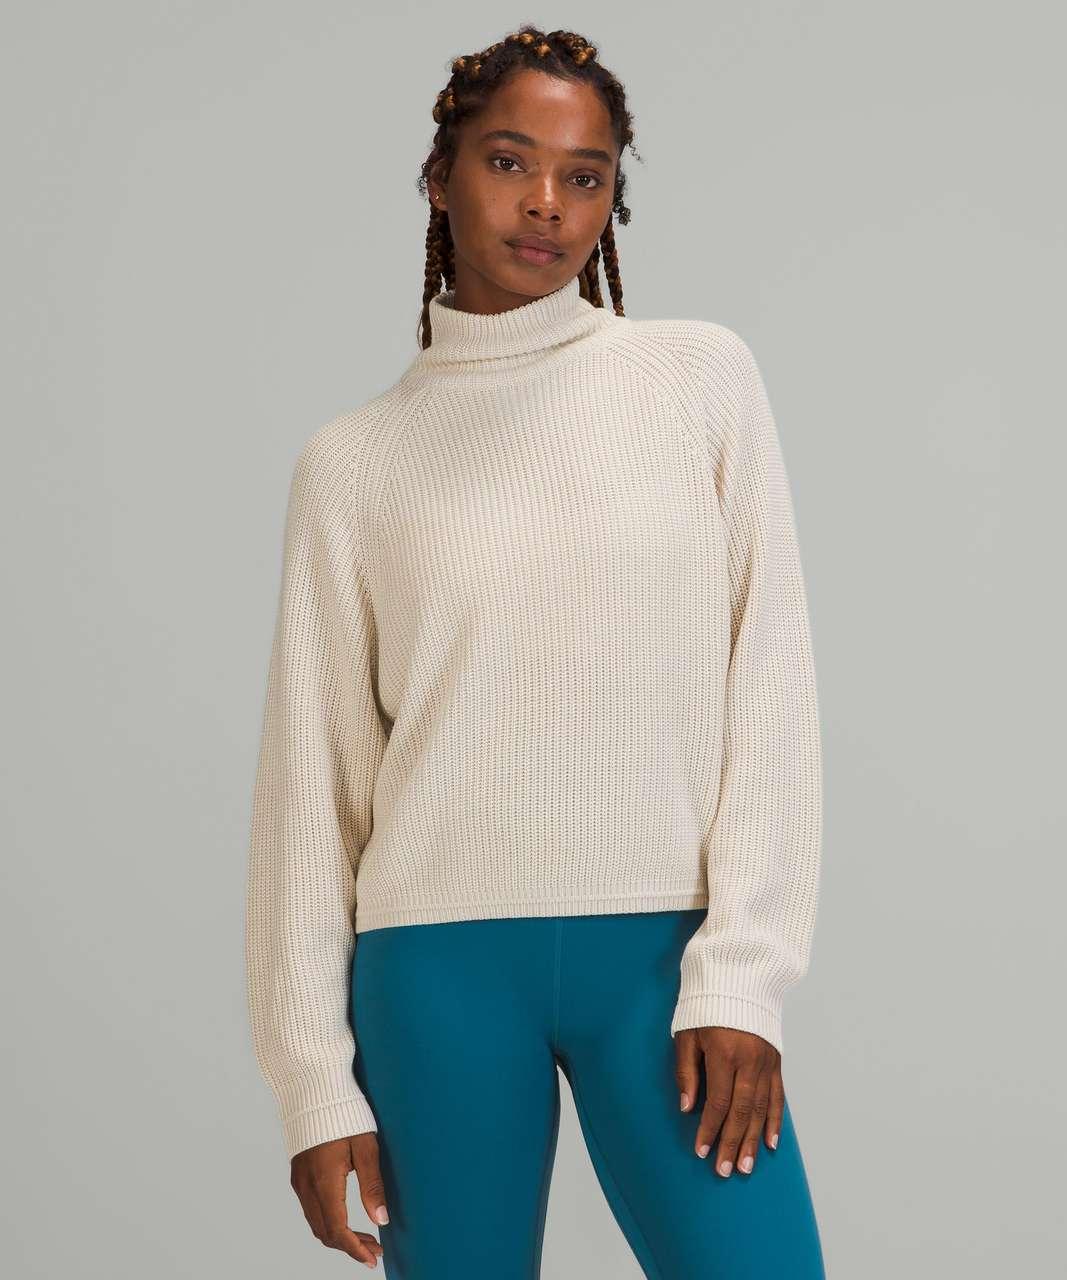 Lululemon Ribbed Turtleneck Sweater - White Opal